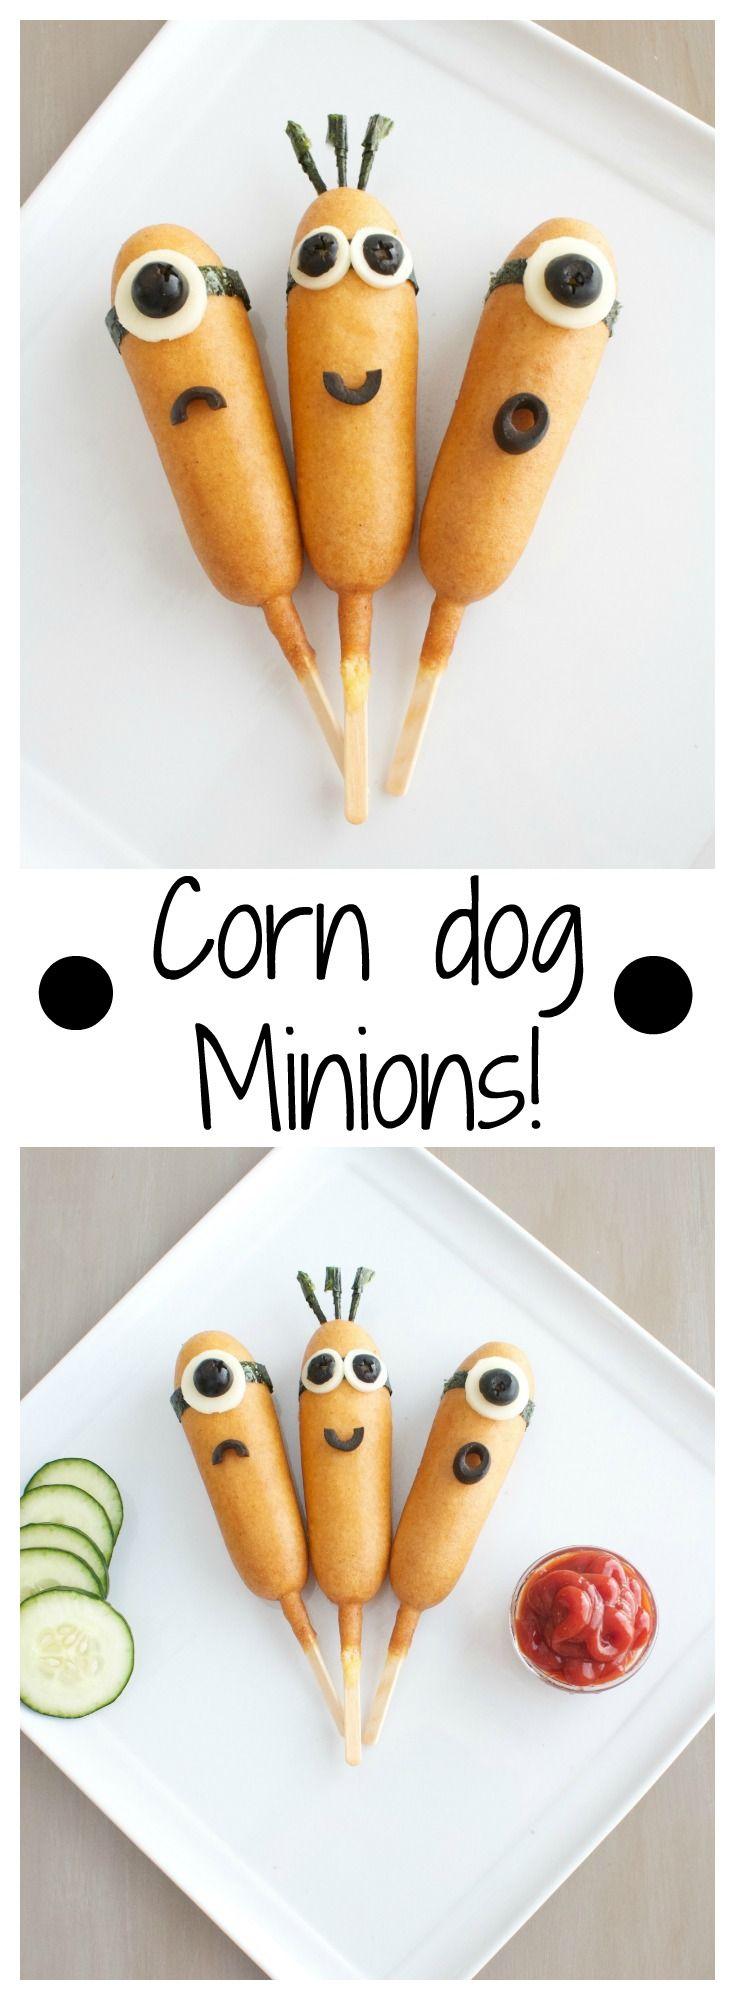 Corn Dog Minions - Make corn dogs more fun for kids! | www.sincerelyjean.com